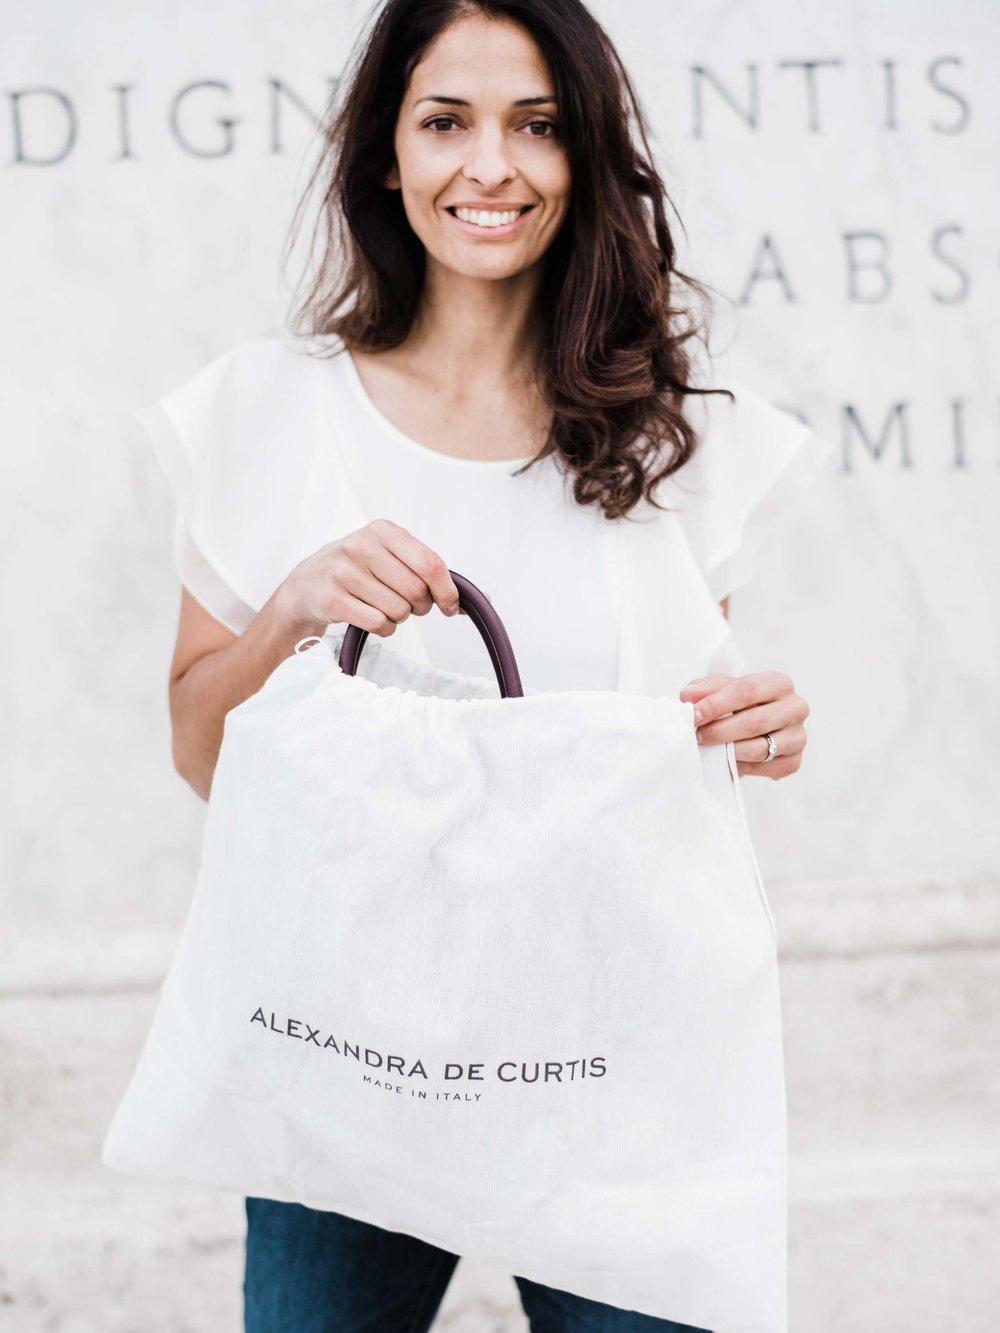 Alexandra de Curtis.jpg